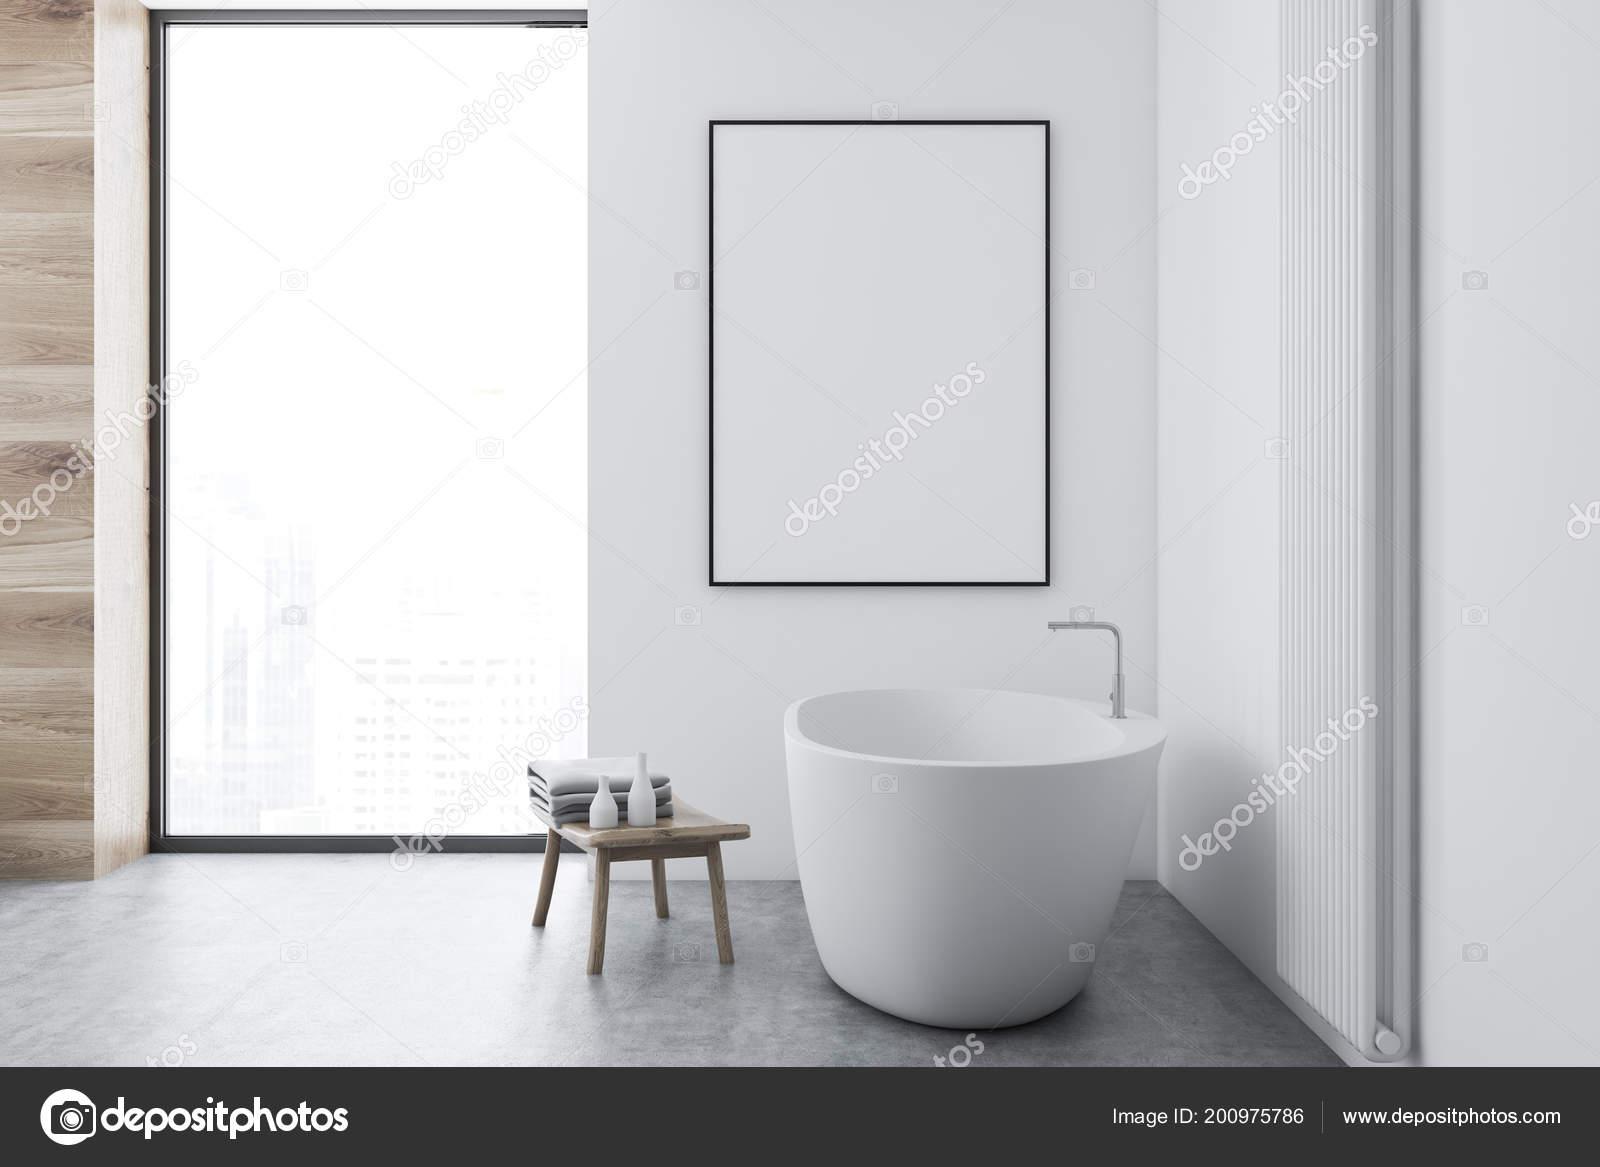 Vasca Da Bagno Verticale : Interno bagno bianco con pavimento cemento una finestra loft una